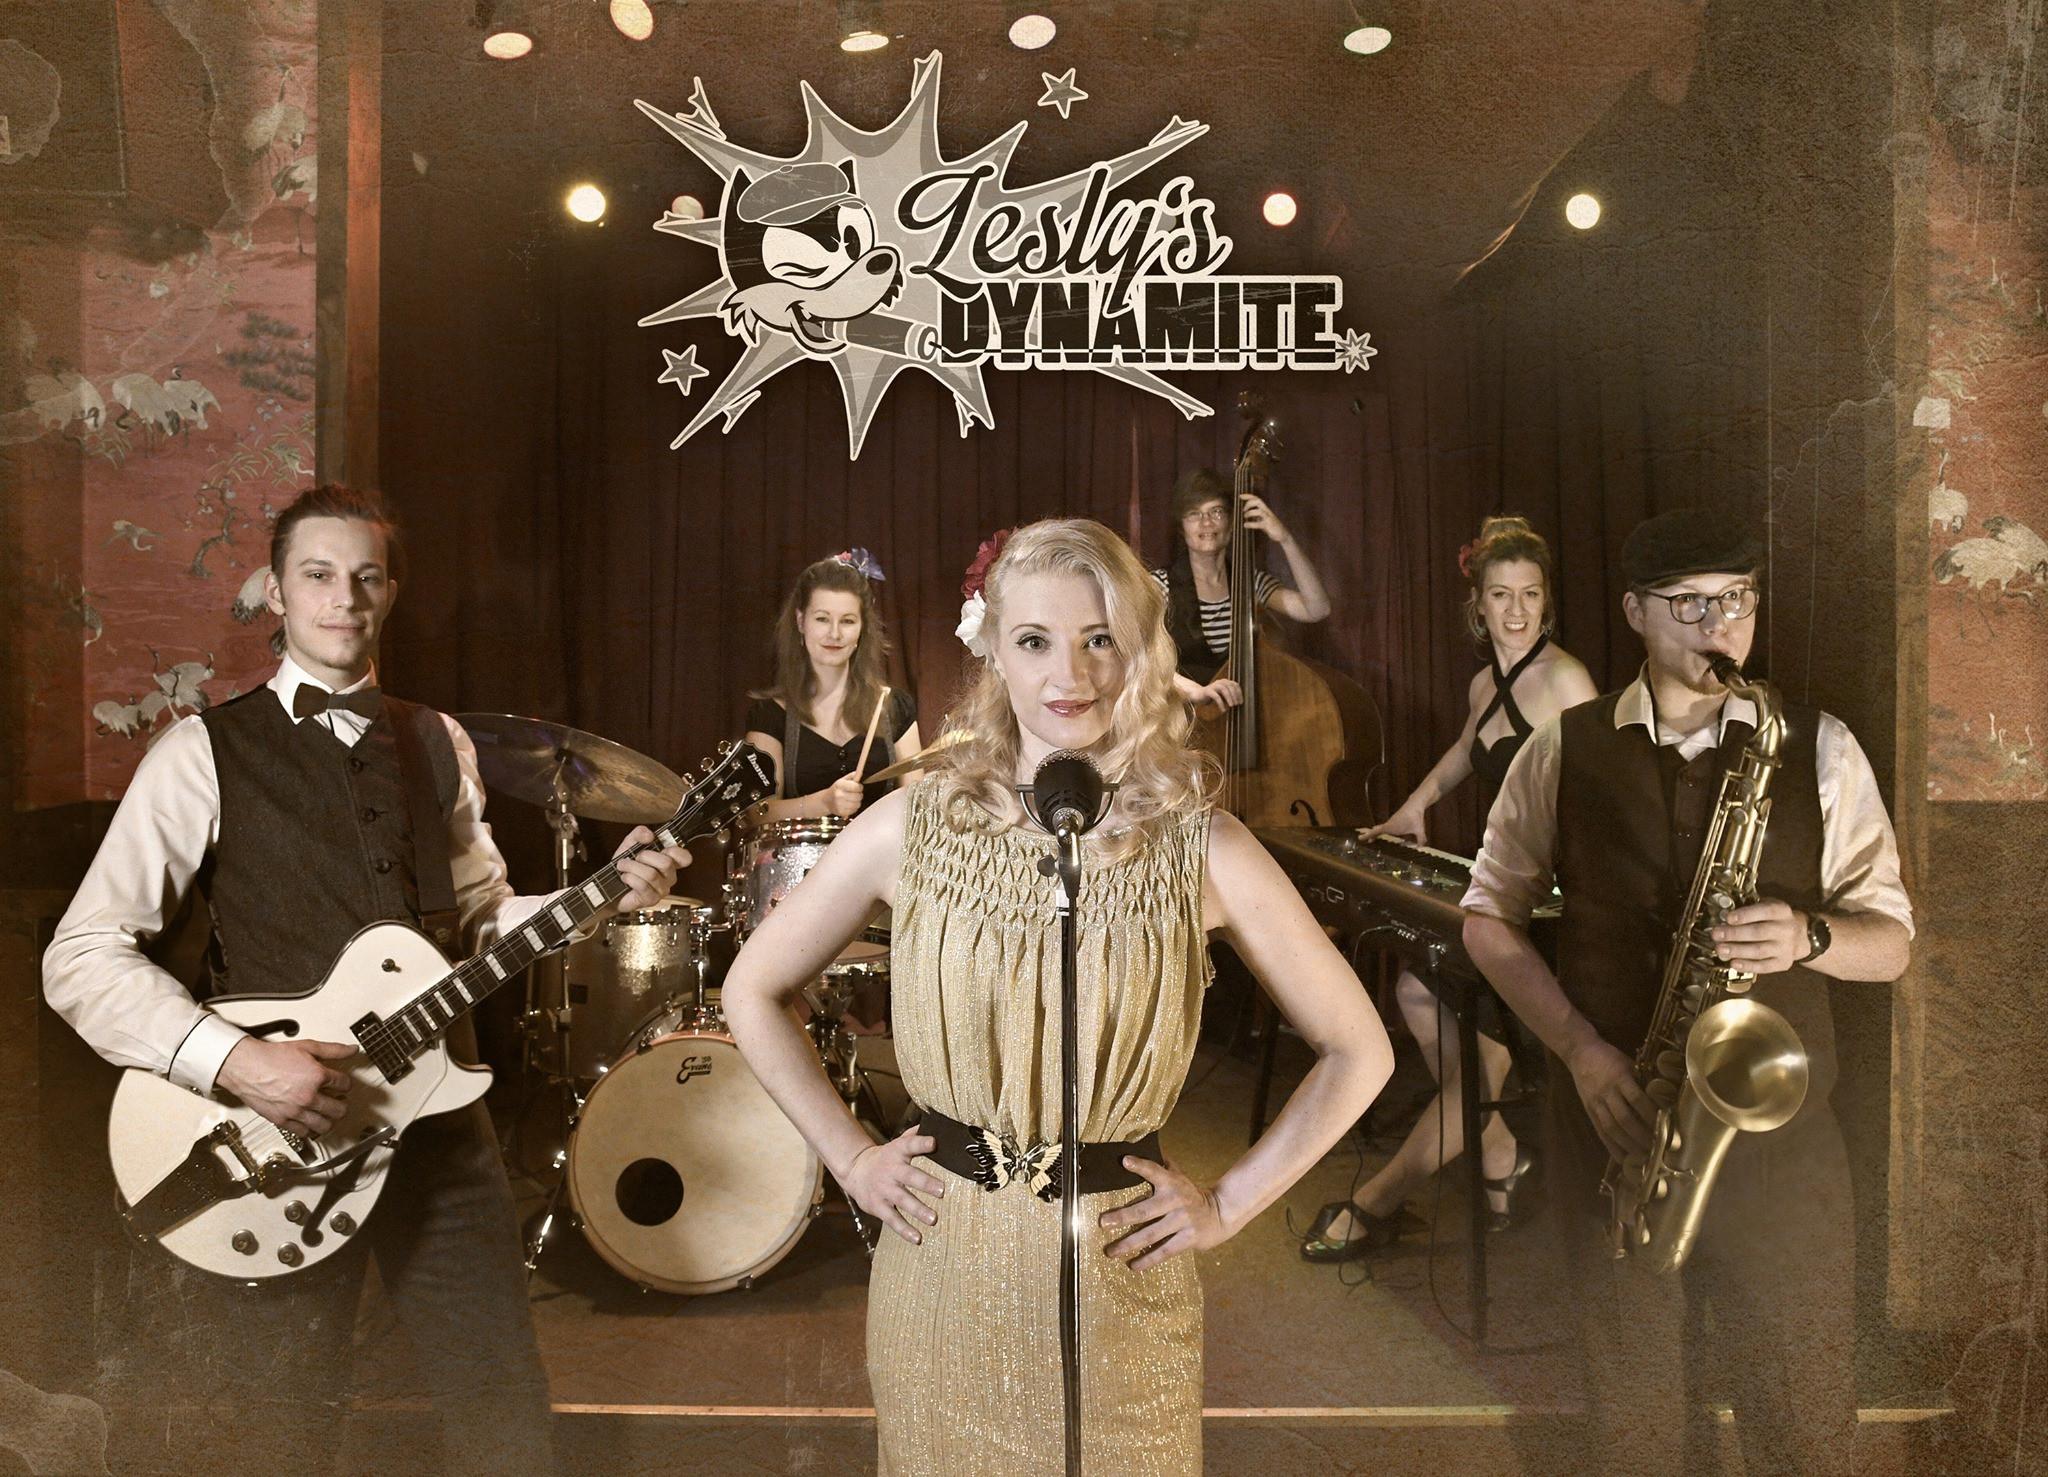 Die neue Band Lesly's Dynamite wollte gerade durchstarten, als das Corona-Virus Mitte März jegliche Pläne durchkreuzte.